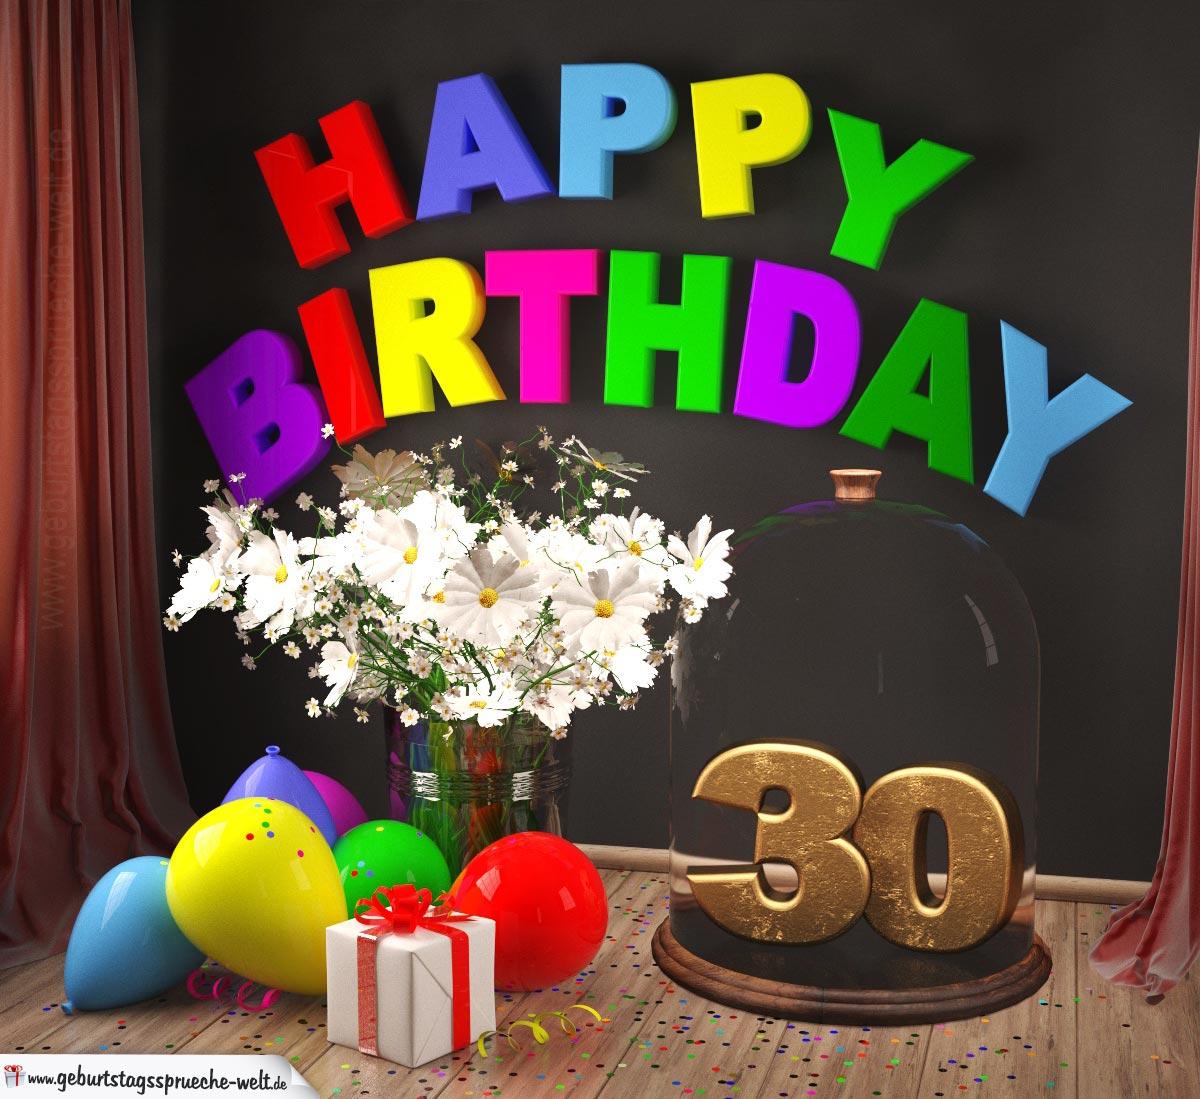 Happy Birthday 30 Jahre Glückwunschkarte mit Margeriten-Blumenstrauß, Luftballons und Geschenk unter Glasglocke